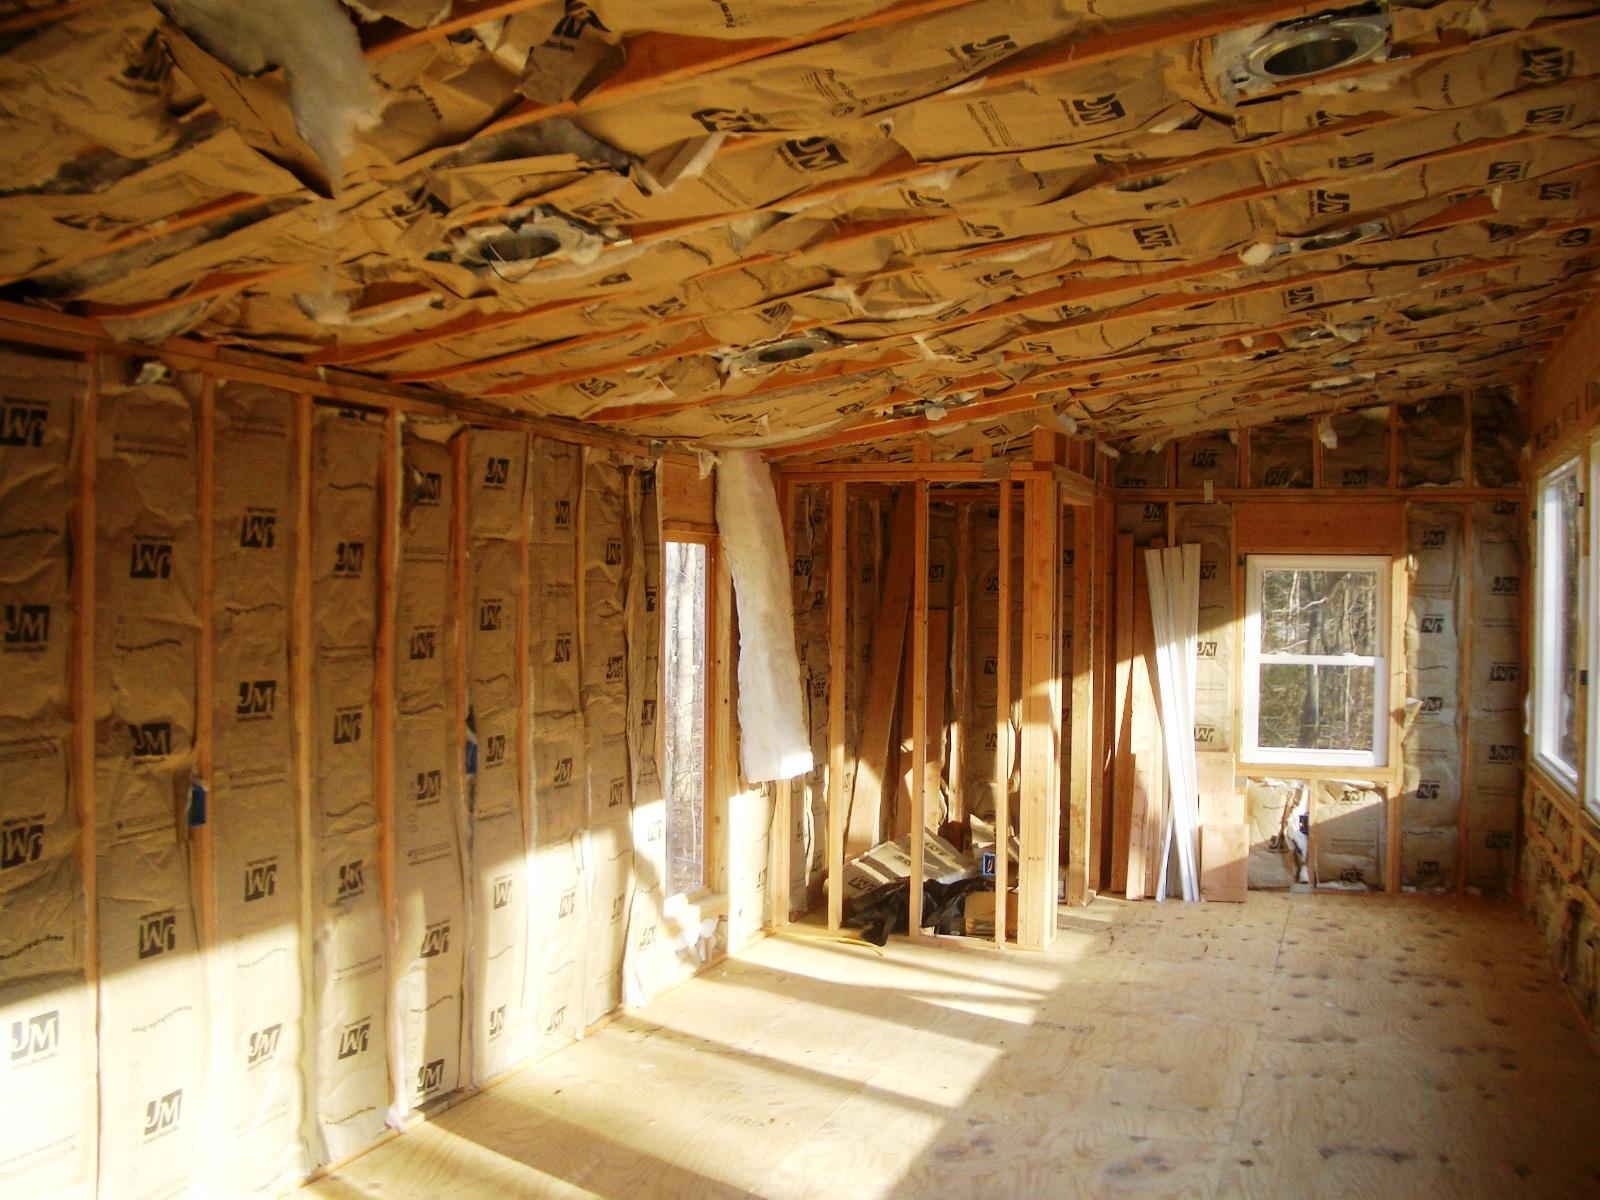 #AD510D22184528 Ventilatie Is Nodig Om De Luchtvochtigheid In Huis Onder Controle Van de bovenste plank Luchtvochtigheid In Huis Verlagen 3693 beeld 160012003693 Inspiratie